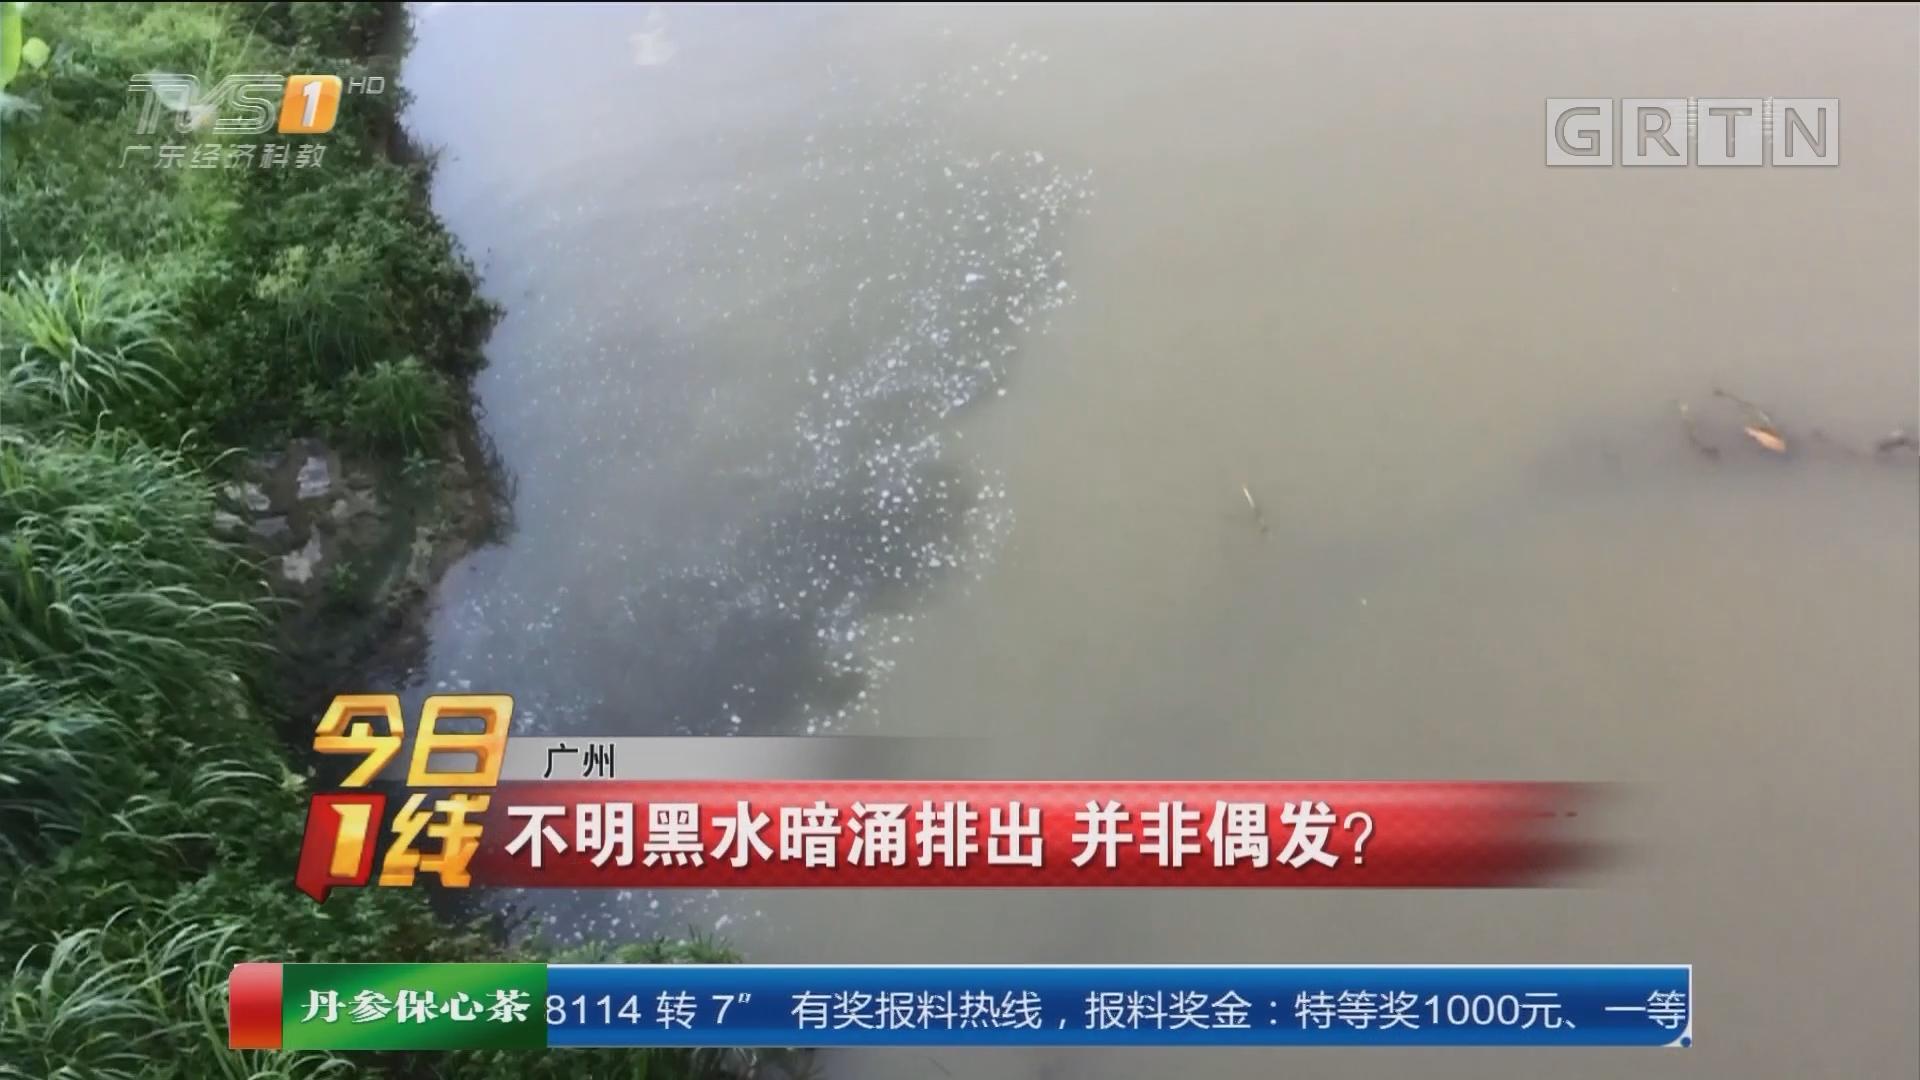 广州:不明黑水暗涌排出 并非偶发?